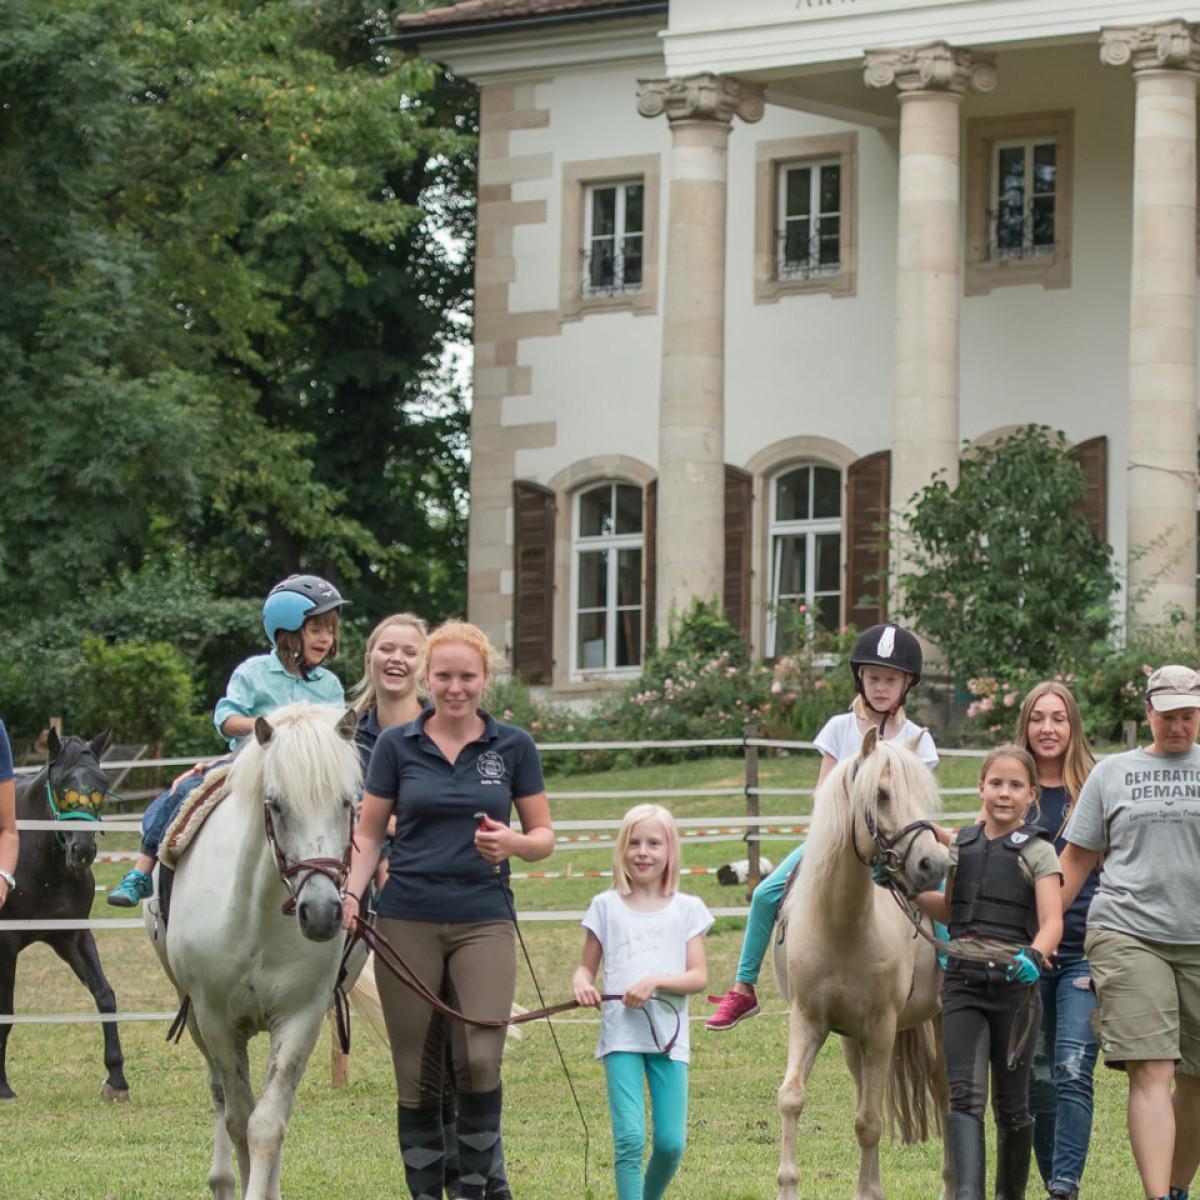 Festtage am Schloss Scharnhausen am 8. und 9. Juli 2017